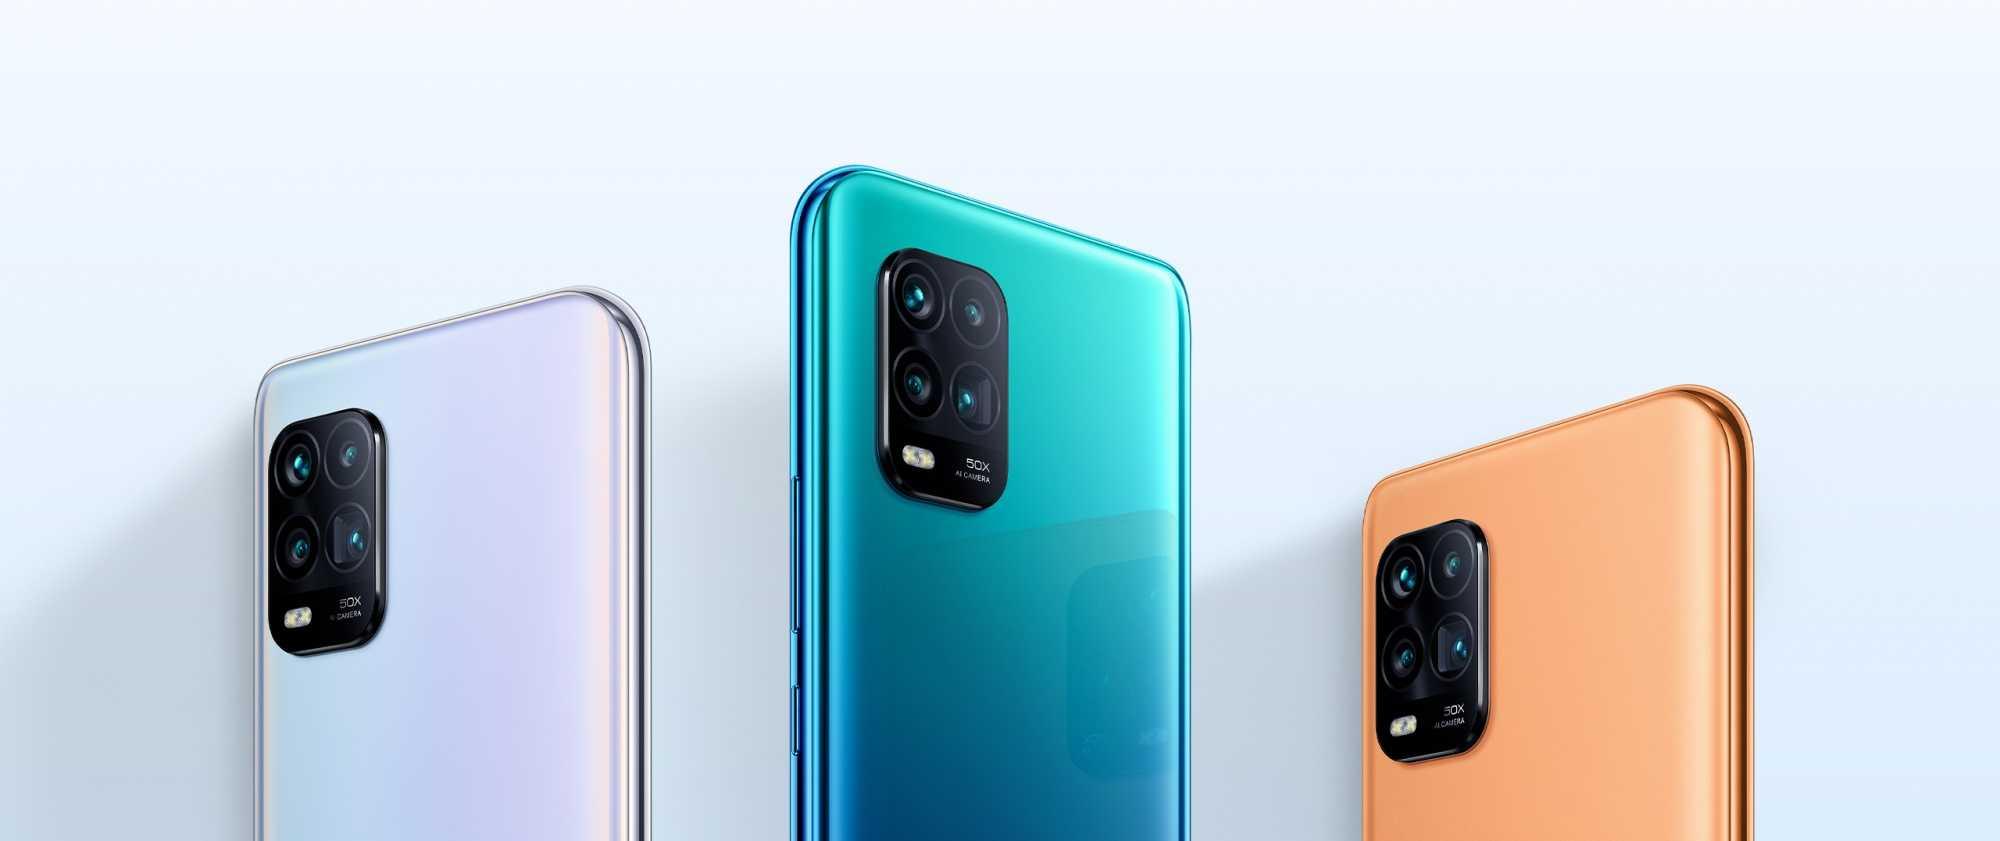 Смартфоны с выдвижной камерой: топ-рейтинг 2020 года